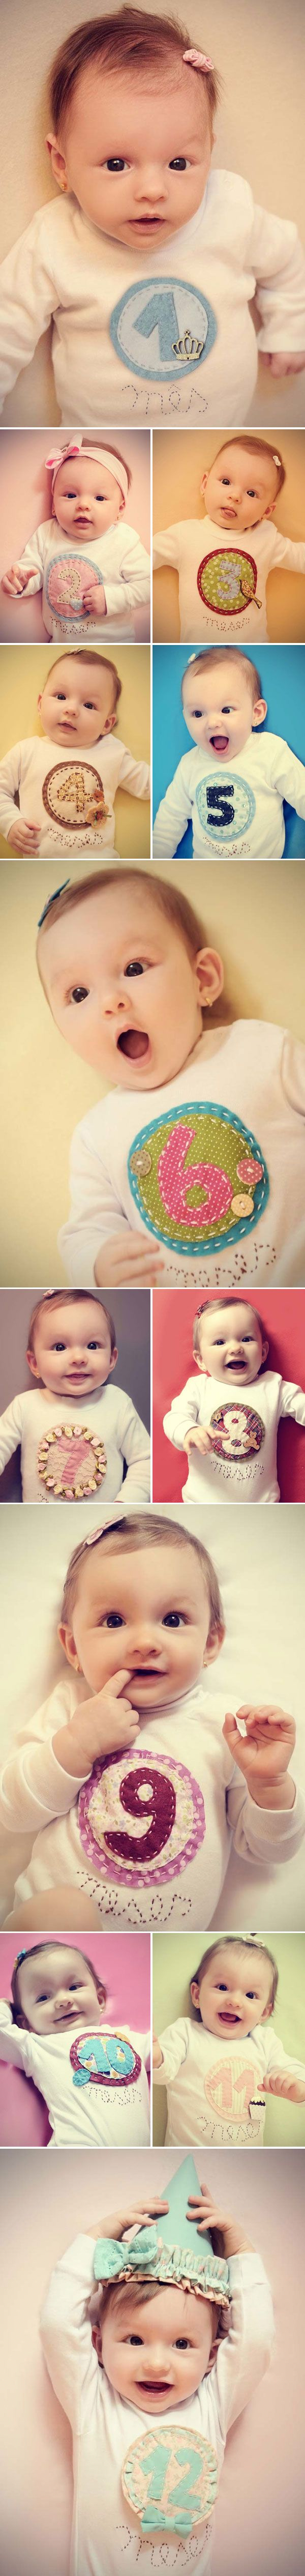 Acompanhamento fotográfico até os 12 meses do bebê